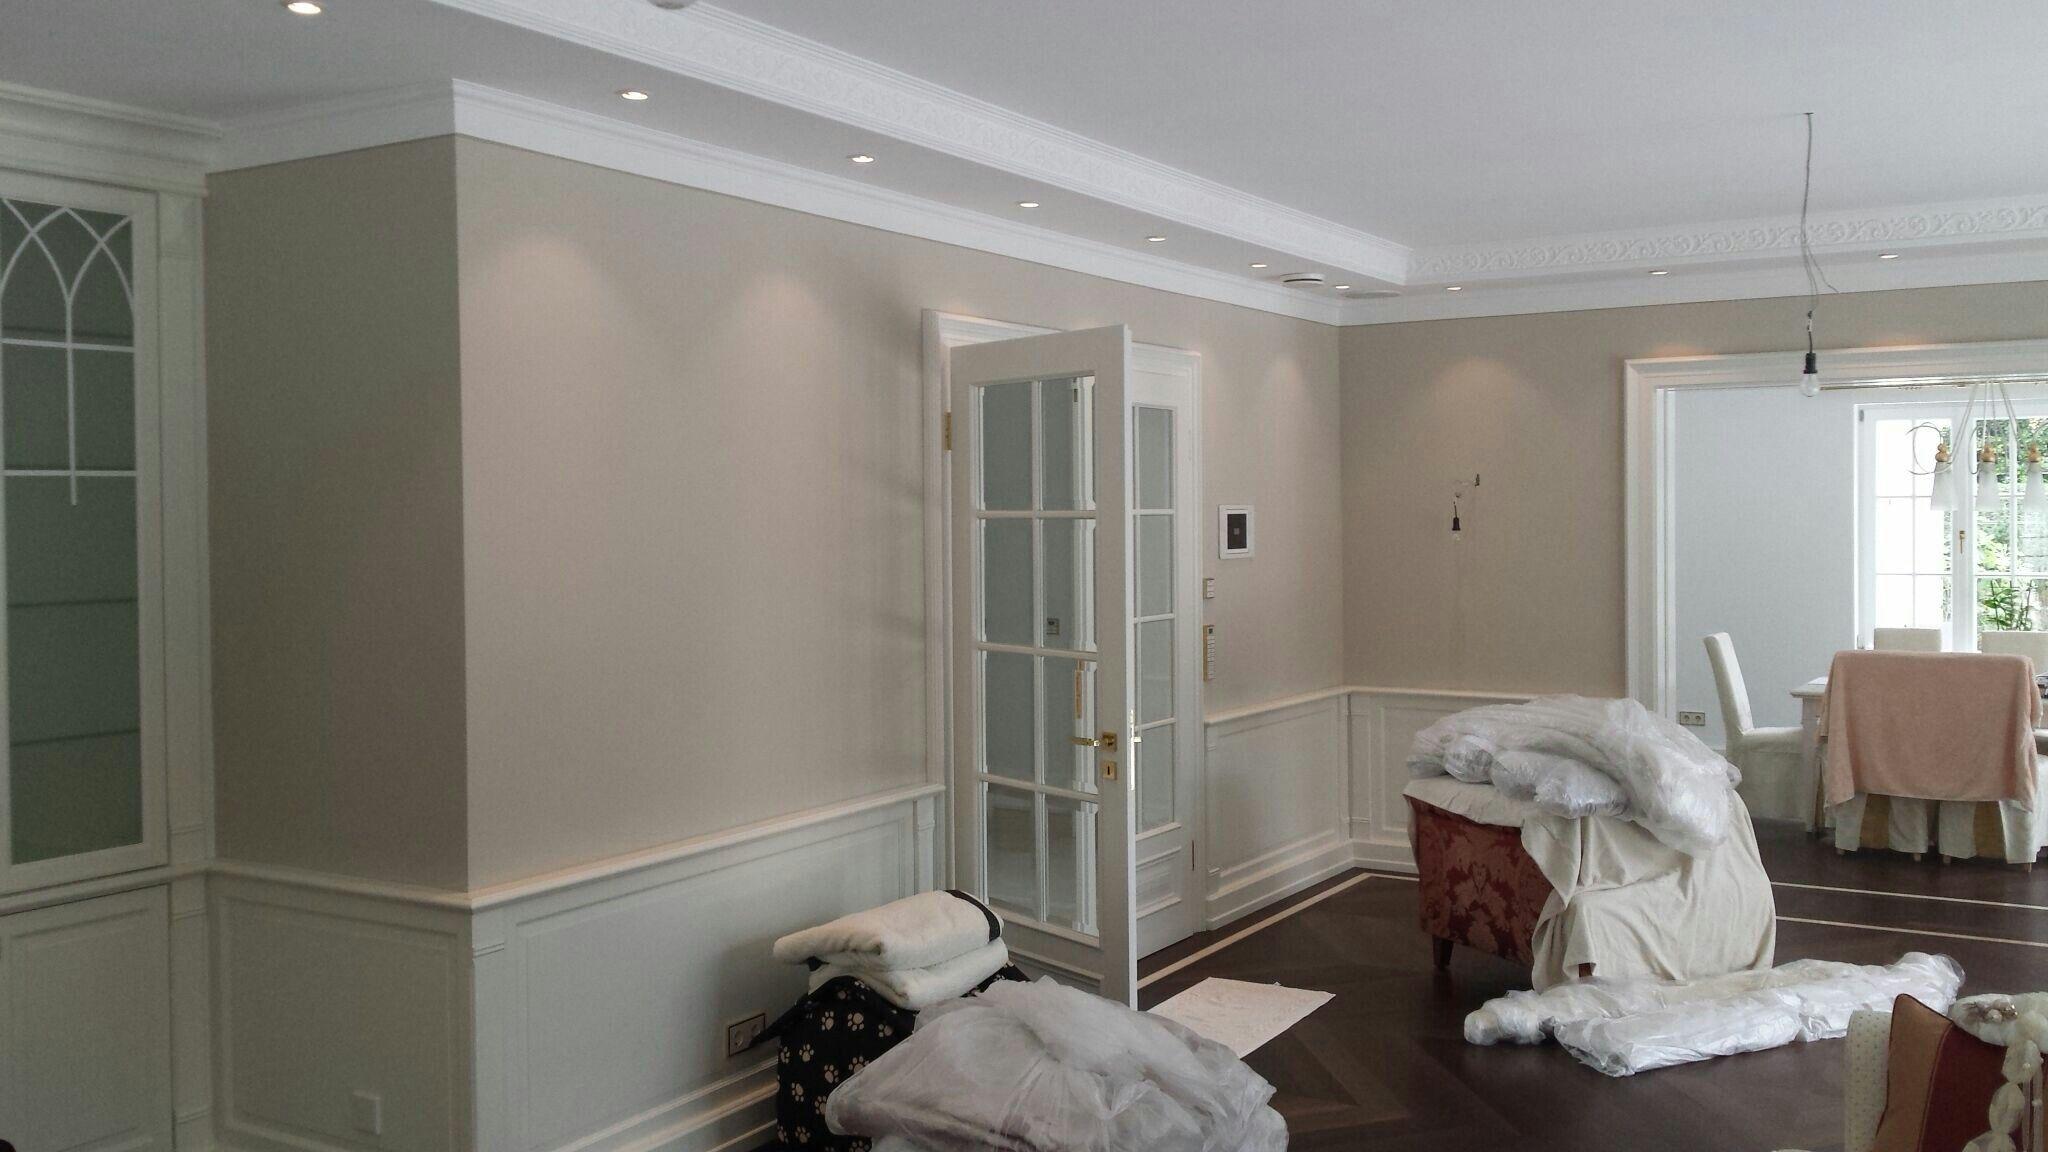 Wohnzimmer spiegelmöbel wohnidee maler wohnenwohnzimmer  meine arbeiten hempel